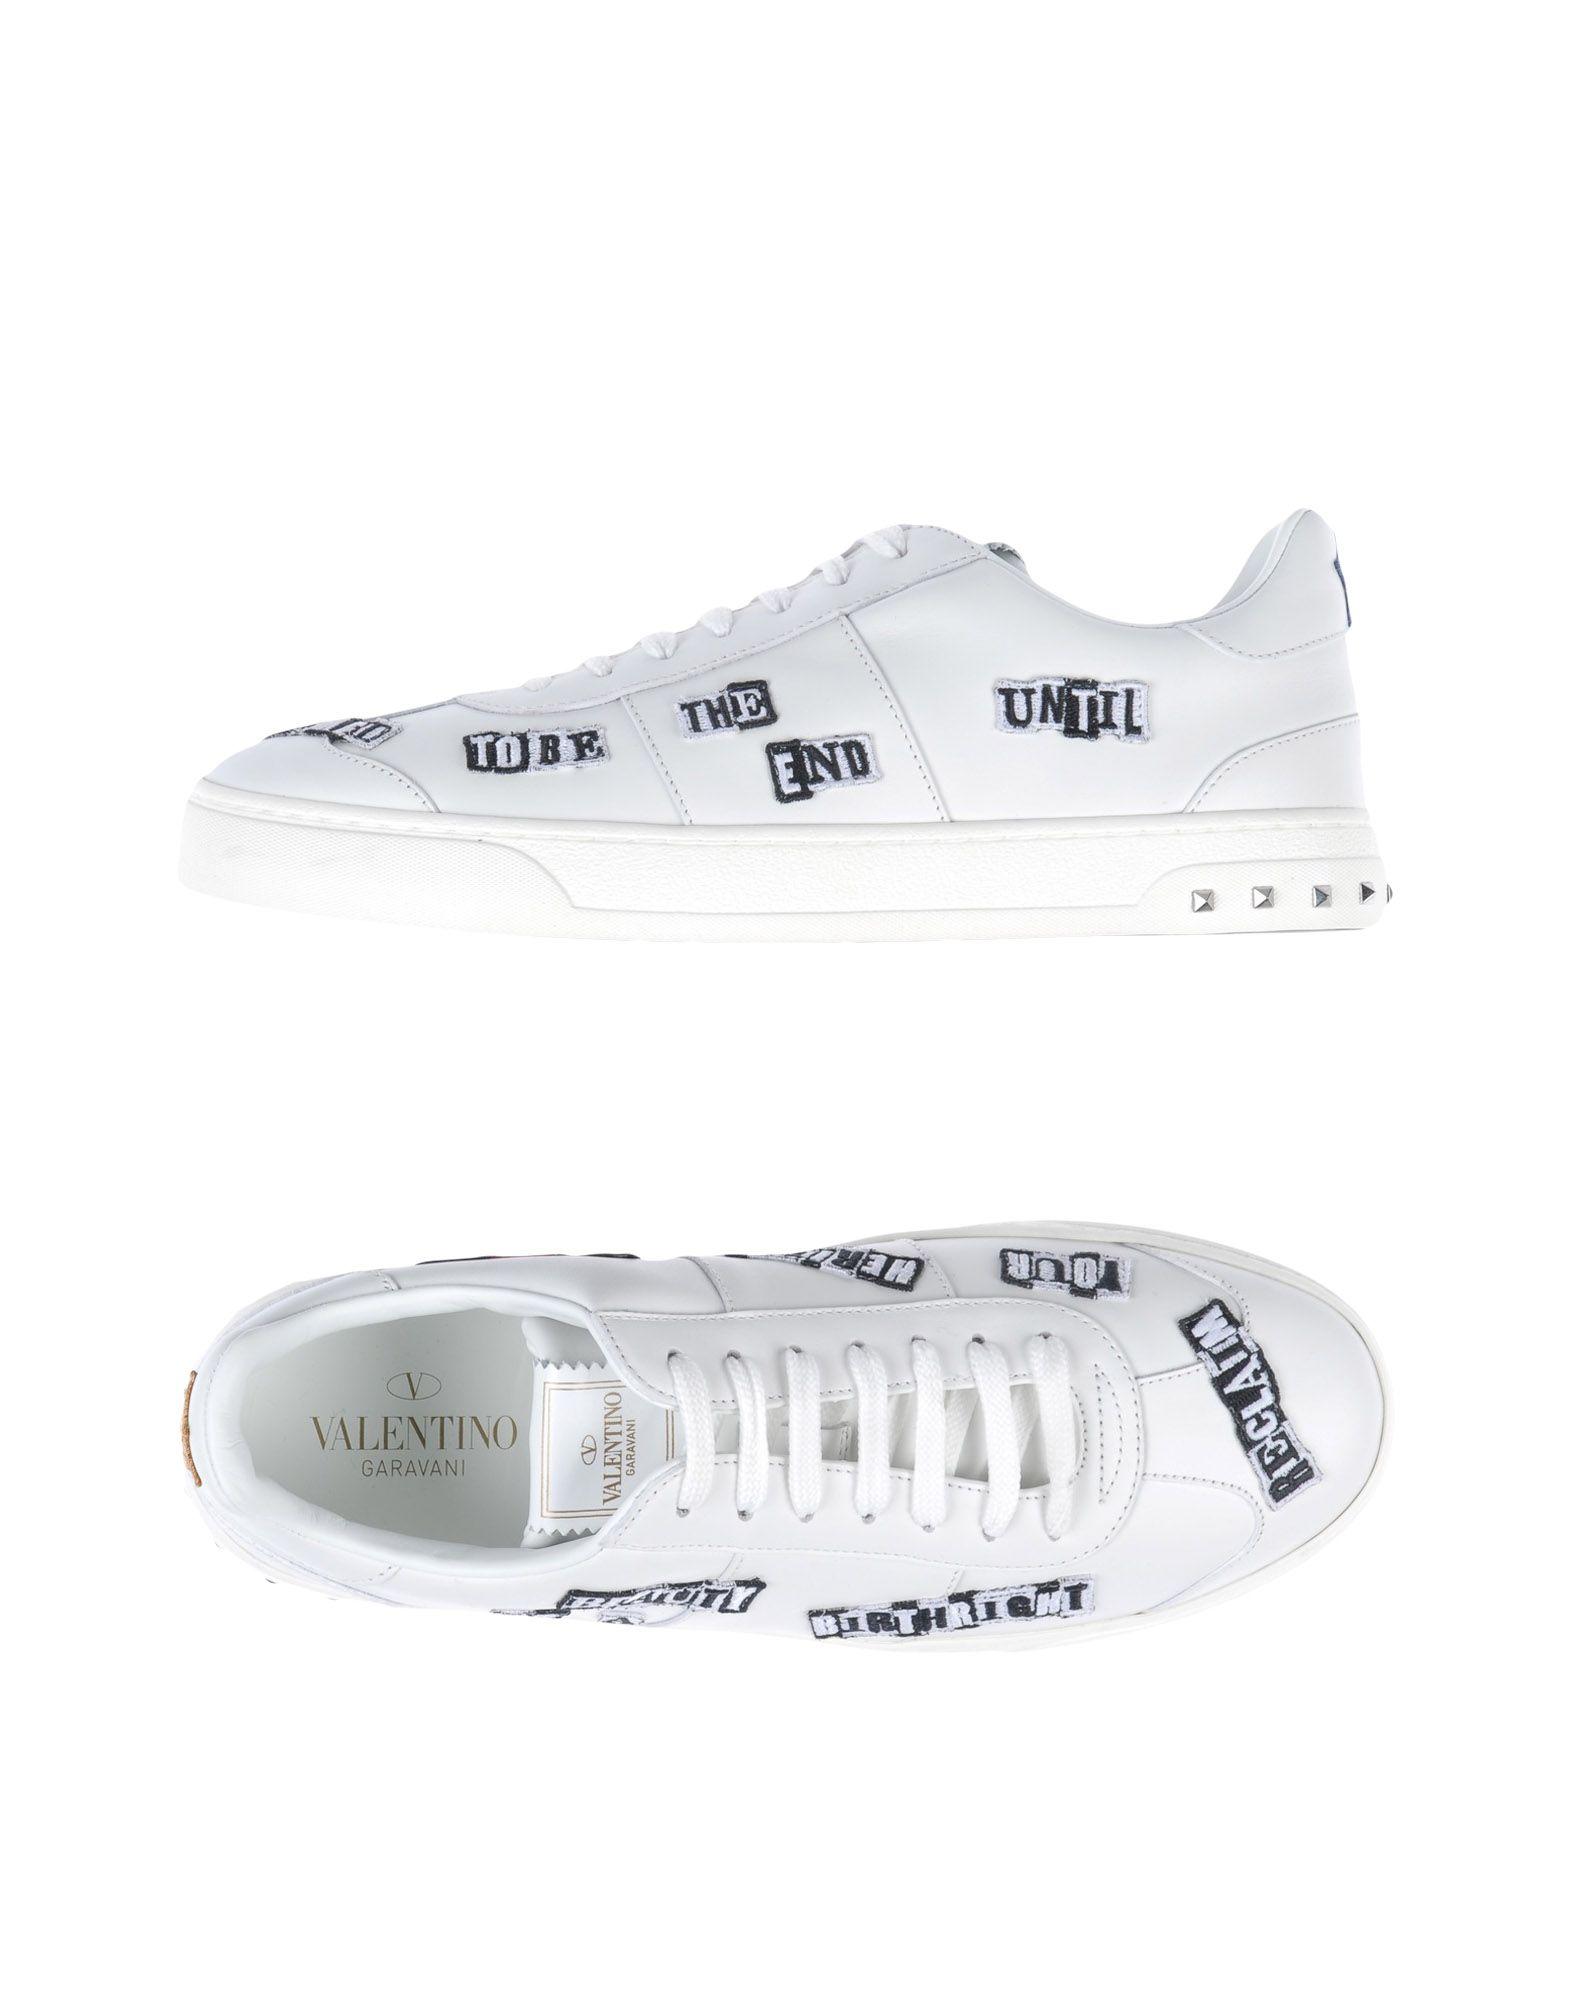 Valentino Garavani Sneakers Qualität Herren  11492772EX Gute Qualität Sneakers beliebte Schuhe 042455